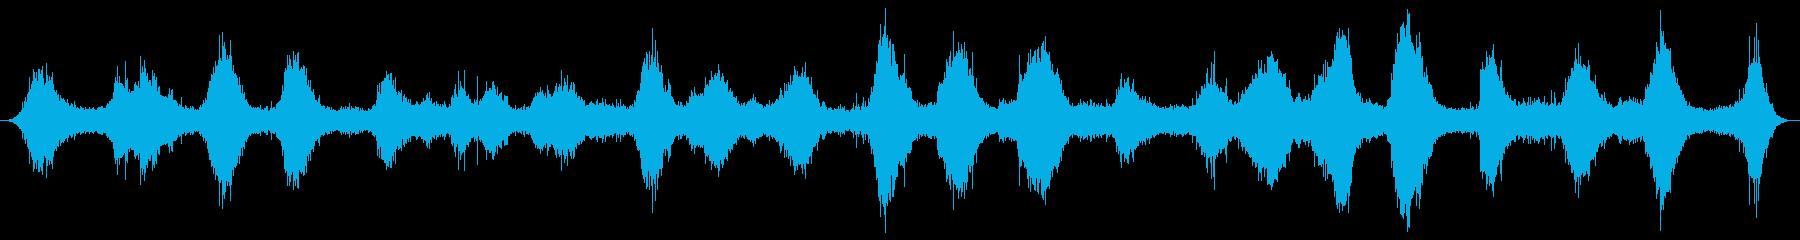 夜の海辺の波の音 葉山の再生済みの波形